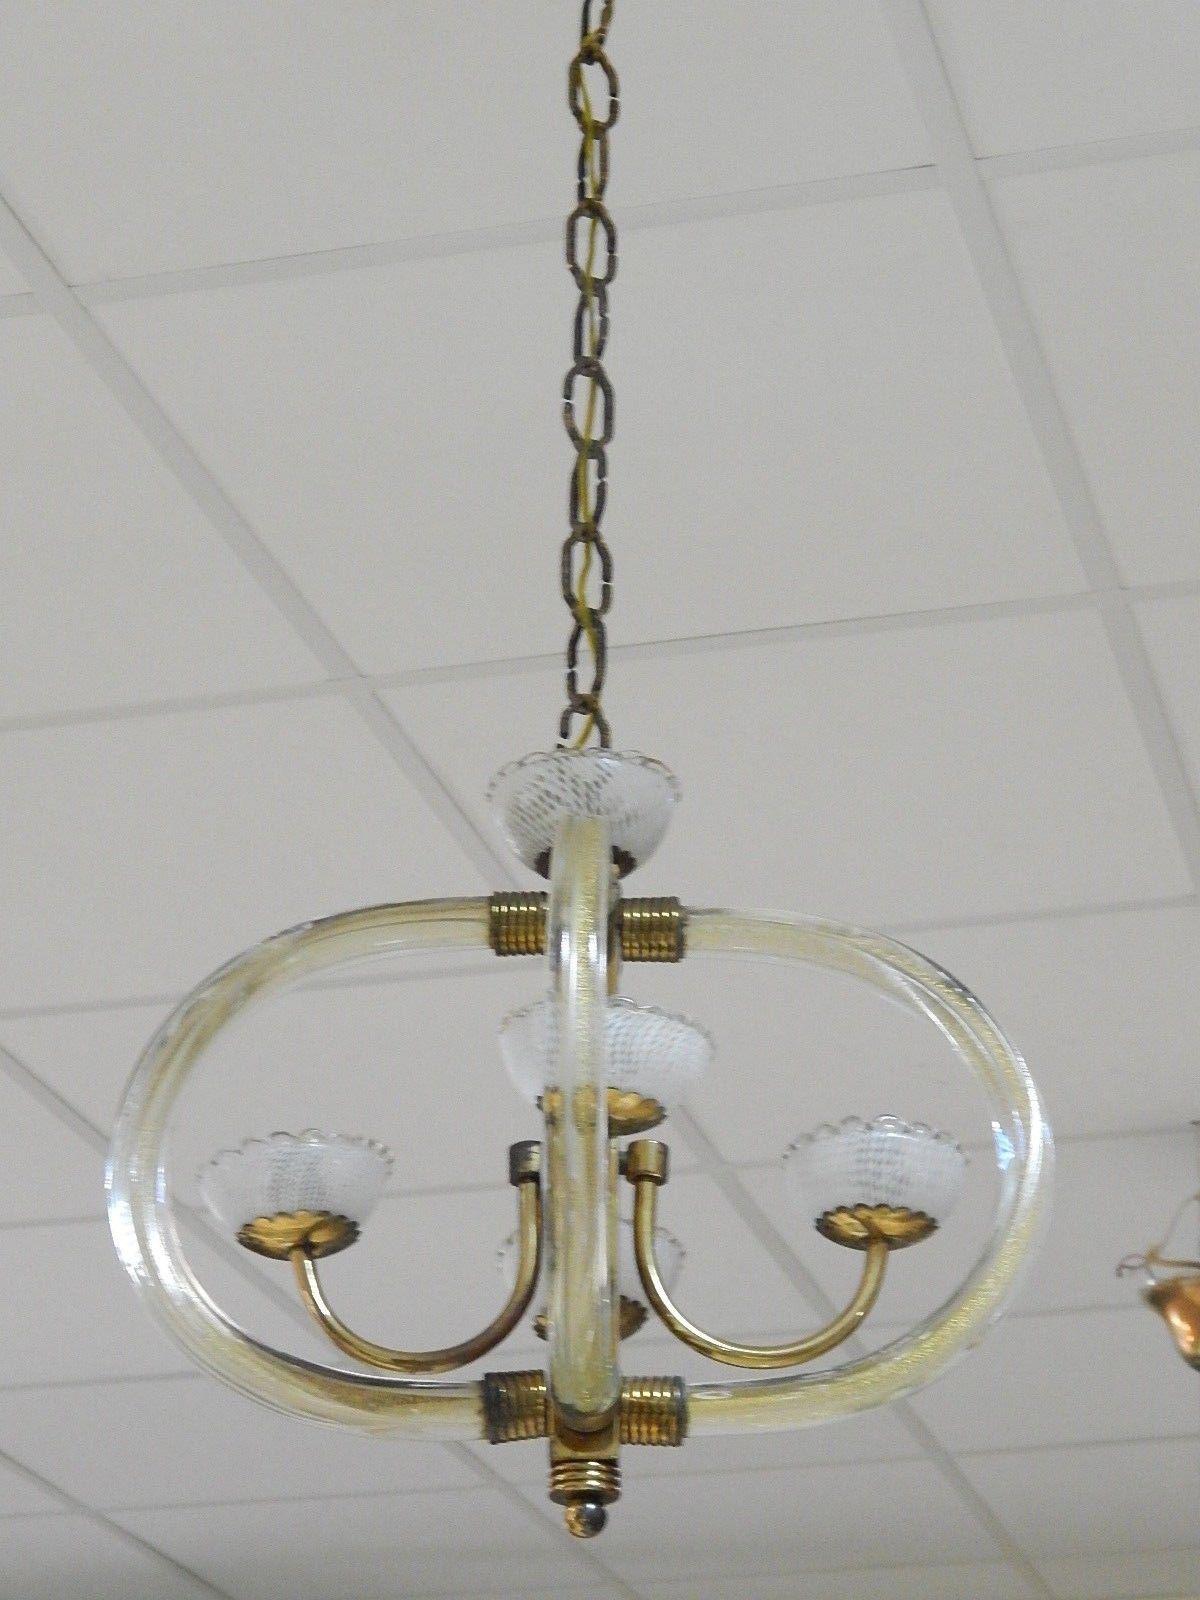 Lampadario Venini Anni 70.Lampadario Murano Venini Anni 30 40 Hanging Lamp Venini Chandelier